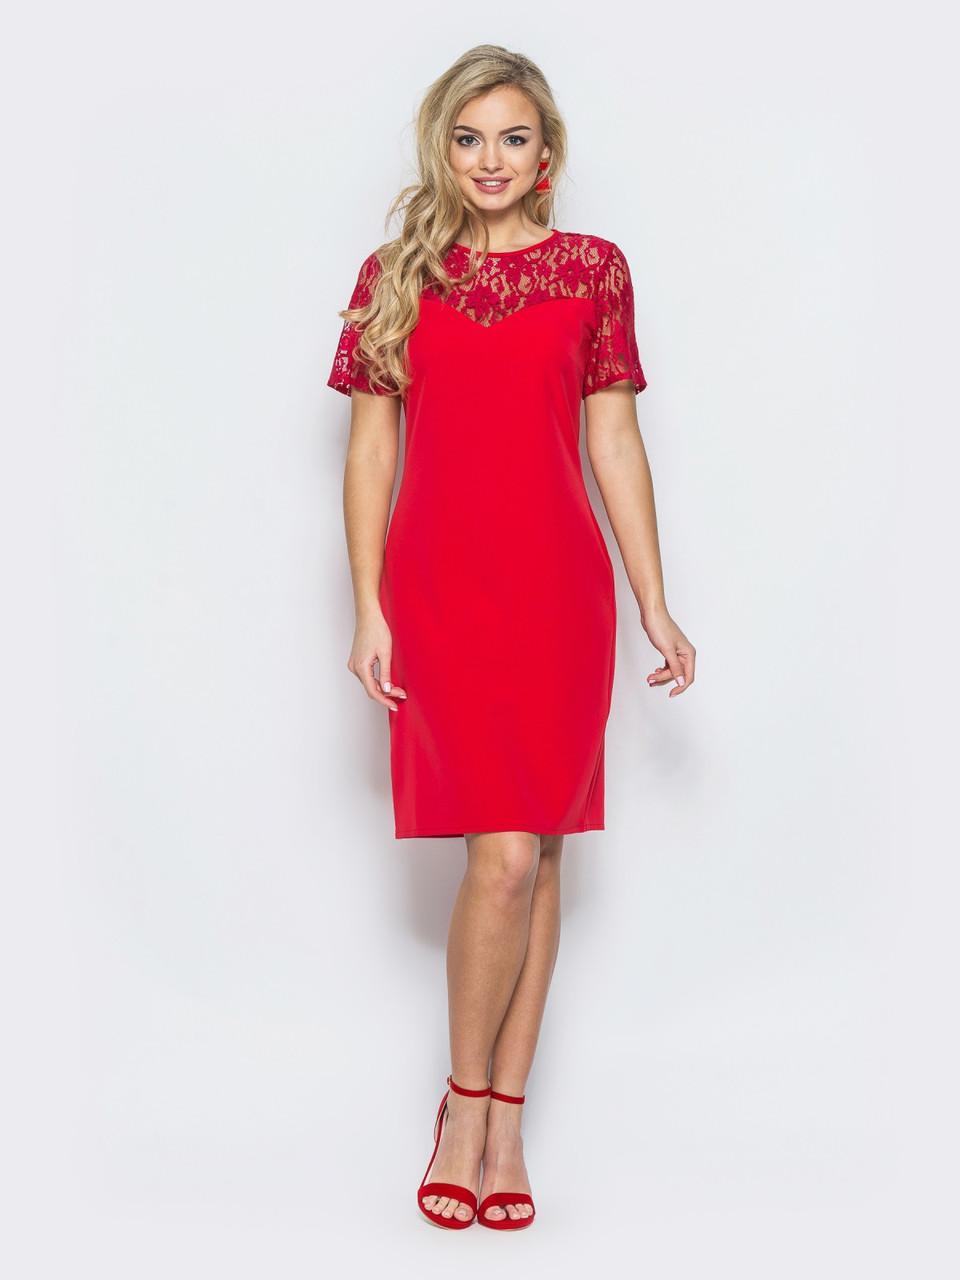 Жіночне приталені плаття з коротким рукавом червоний розмір 42 2158d5f4f5510